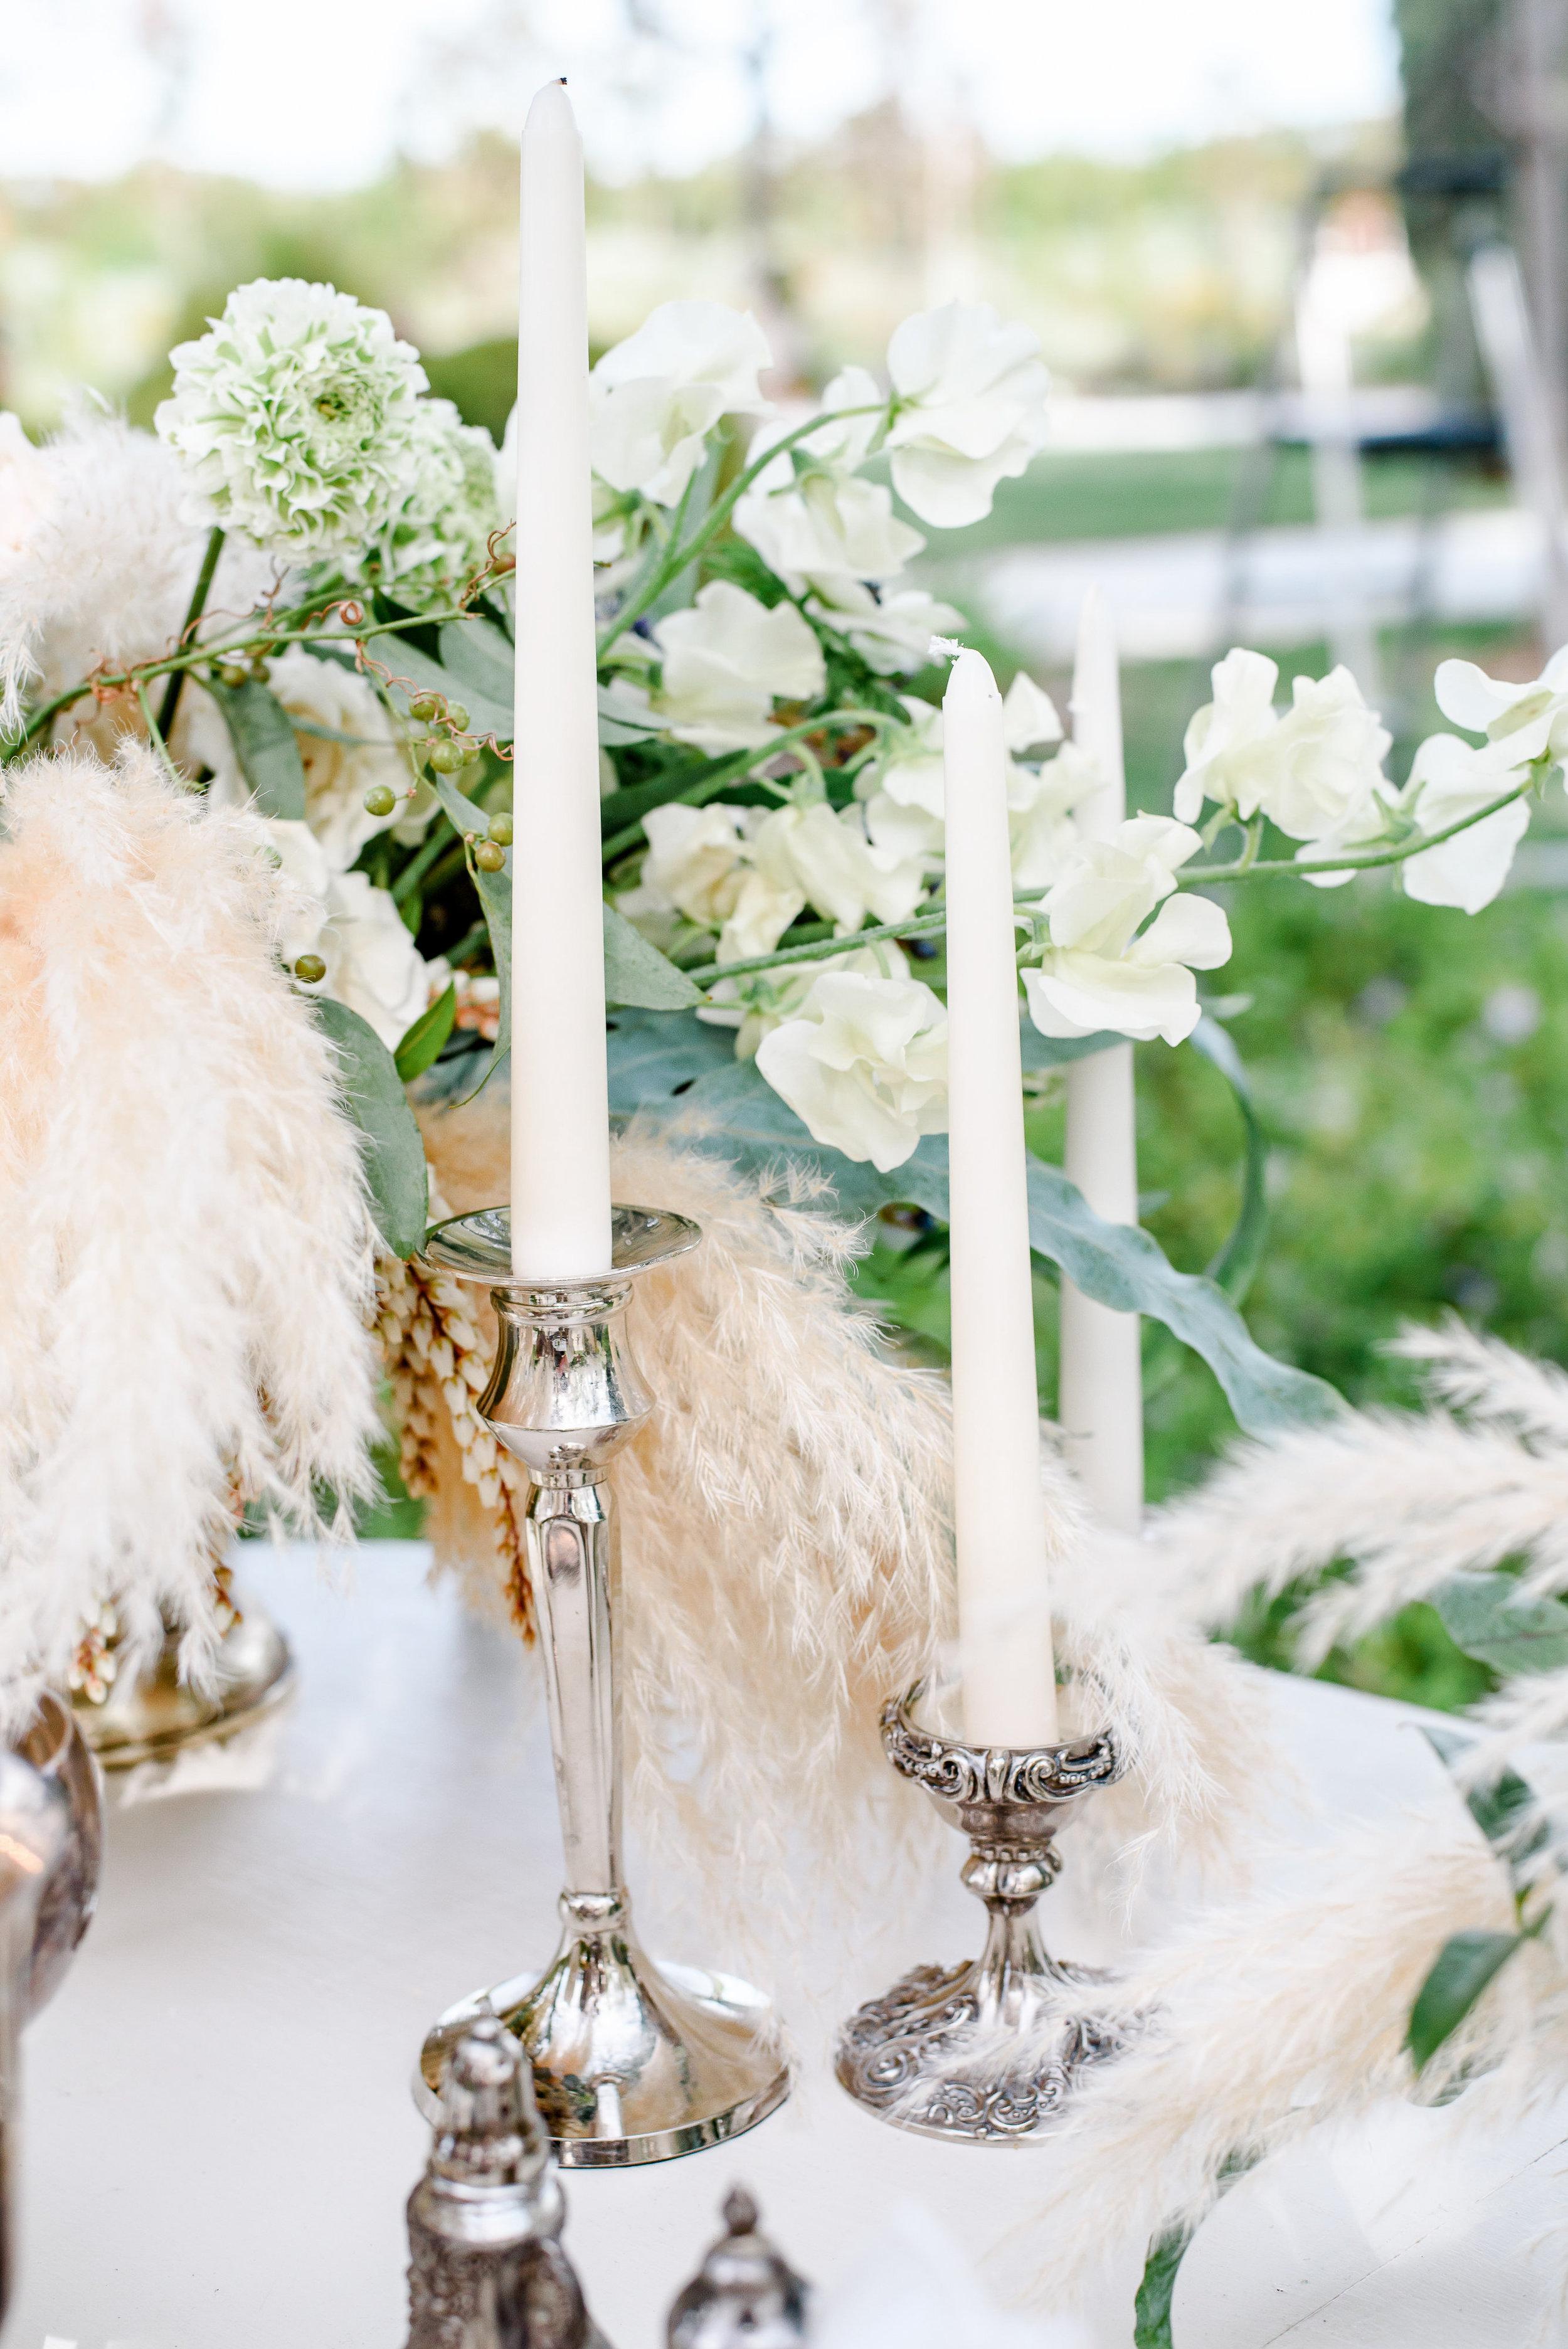 Vintage Candlesticks | Vintage Wedding Decor